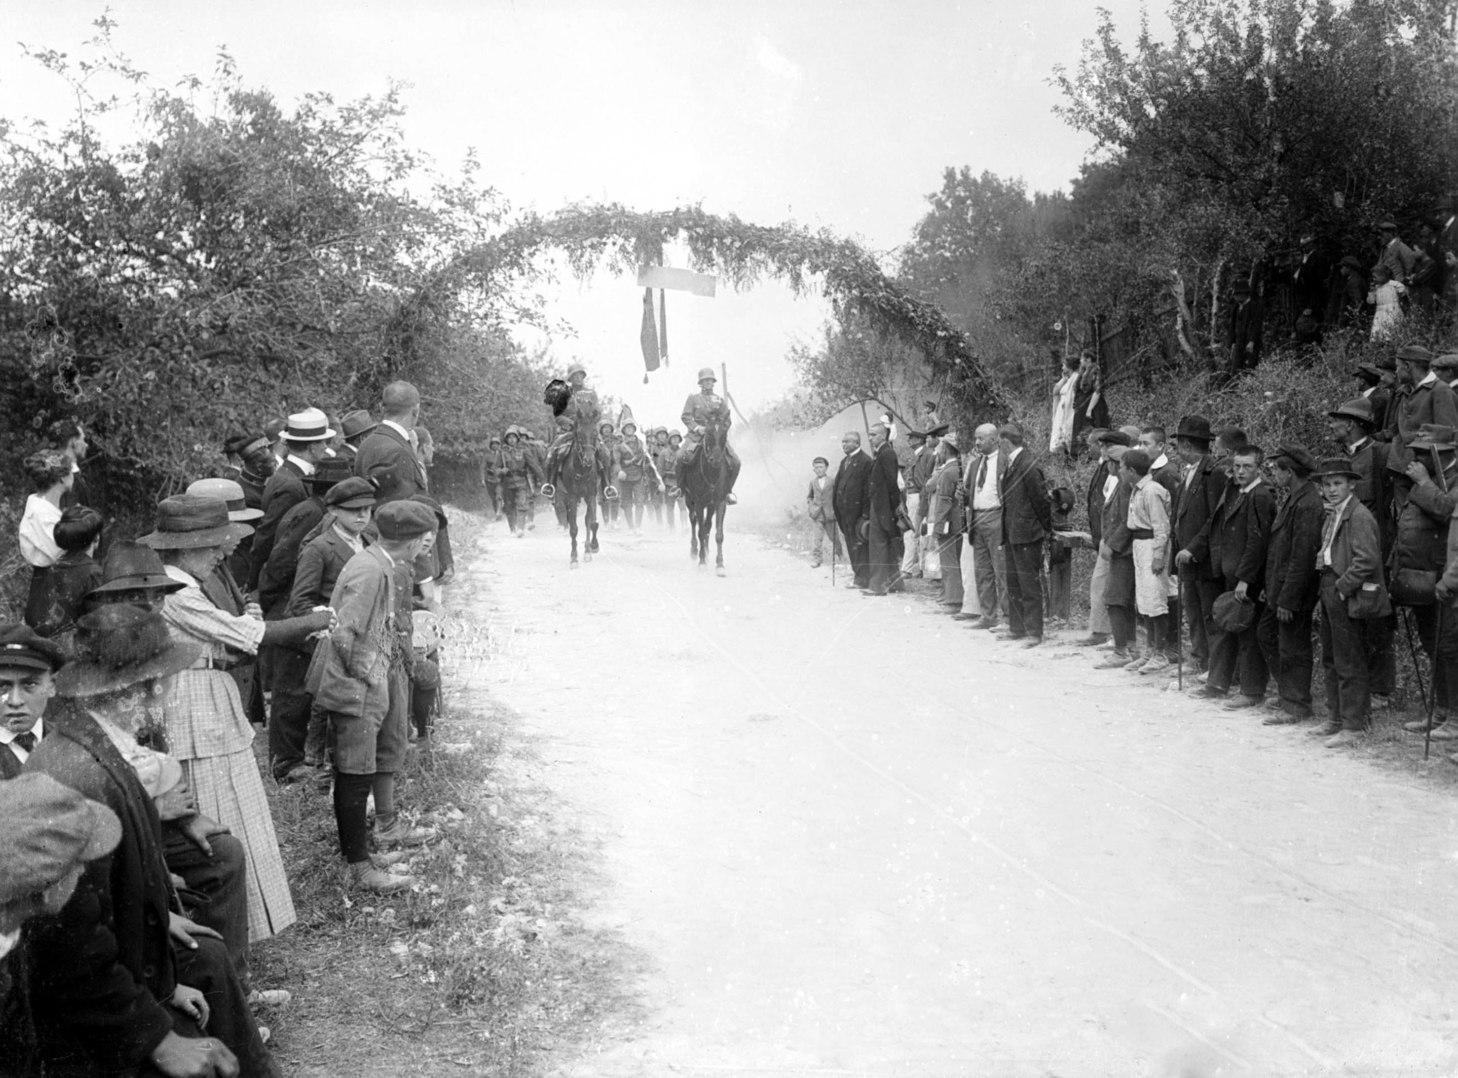 1914. június 28. Egy községben a lakosság ünnepi külsőségek között fogad egy harci felszerelésbe öltözött, rohamsisakos császári és királyi gyalogos alakulatot. A menet élén két tiszt lovagol.  MTI Fotó: Reprodukció